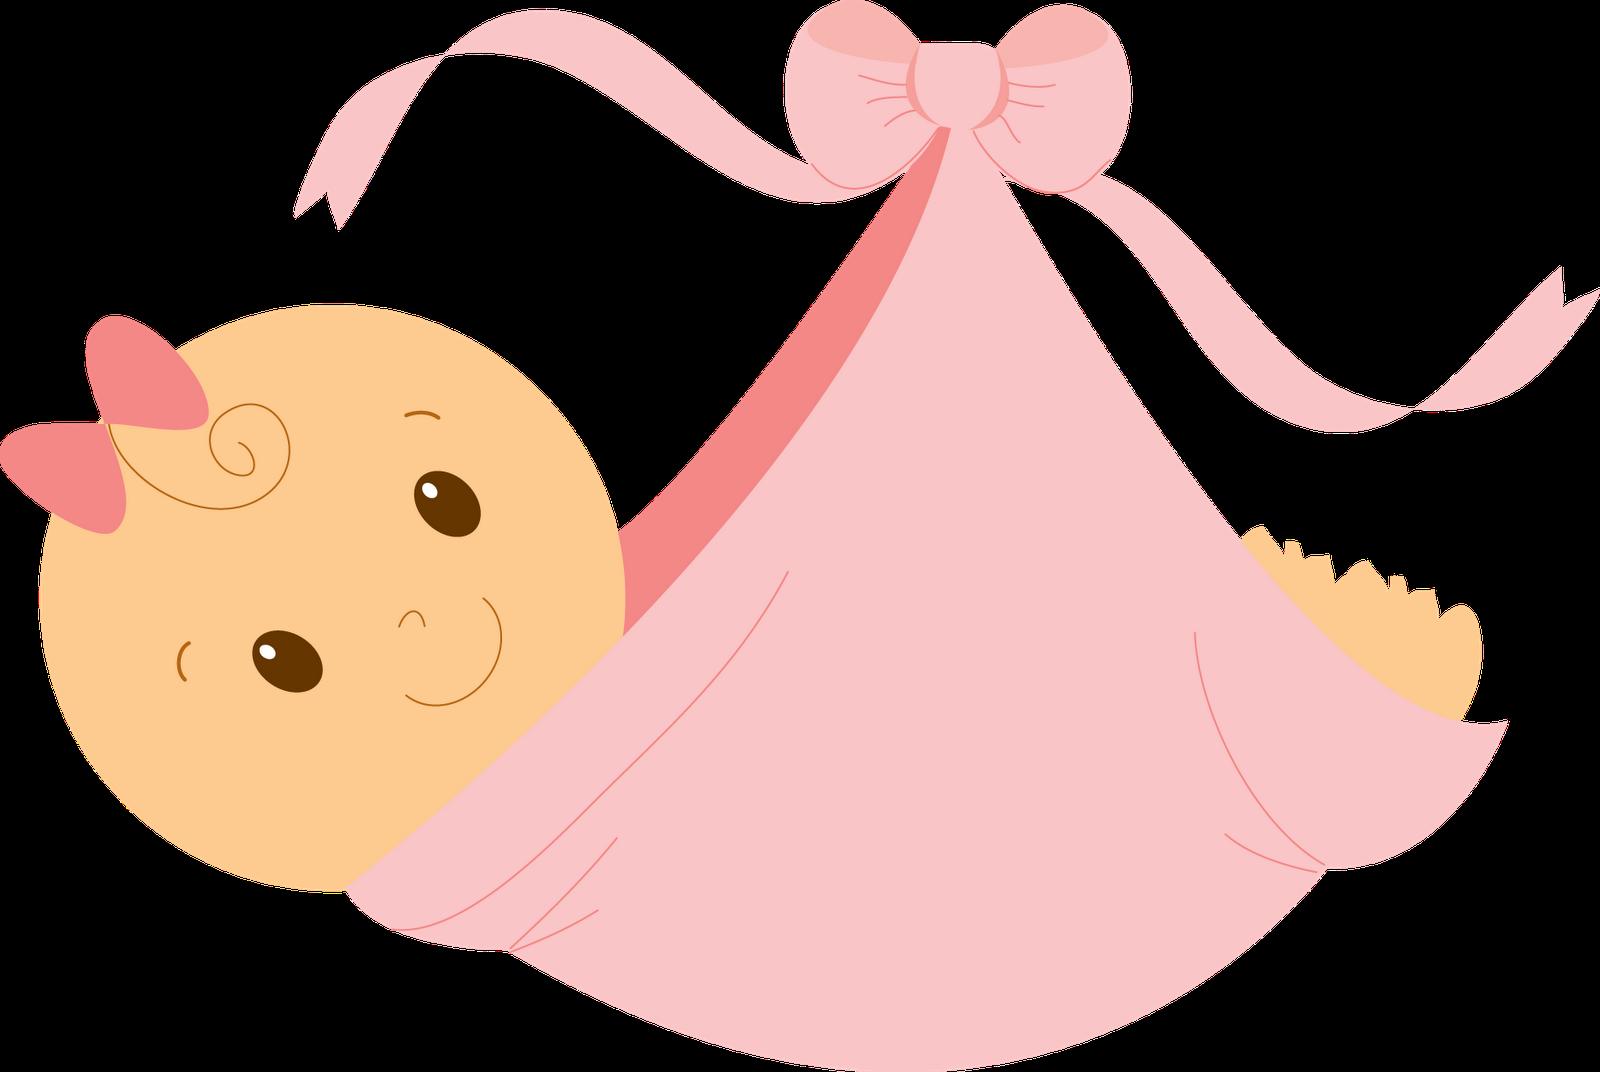 baby girl clip art abra a imagem em outra aba p salvar em seu rh pinterest com clipart for baby showers clip art for baby shower games